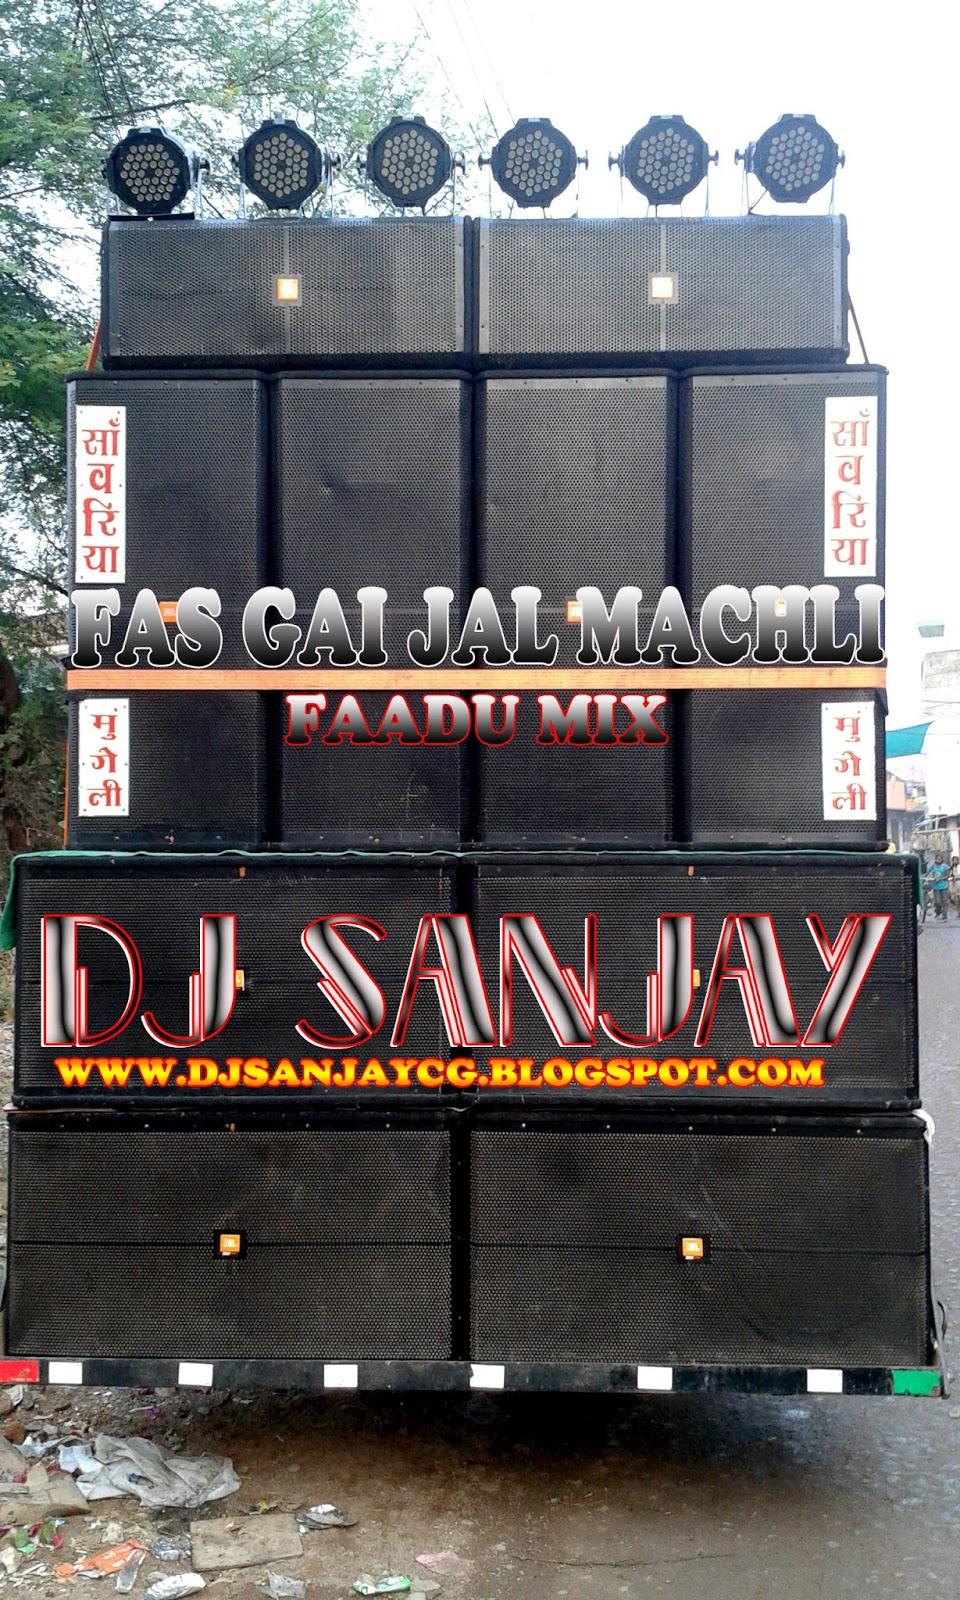 DJ SANJAY: FAS GAI JAL MACHLI FADU MIX DJ SANJAY 9691366446